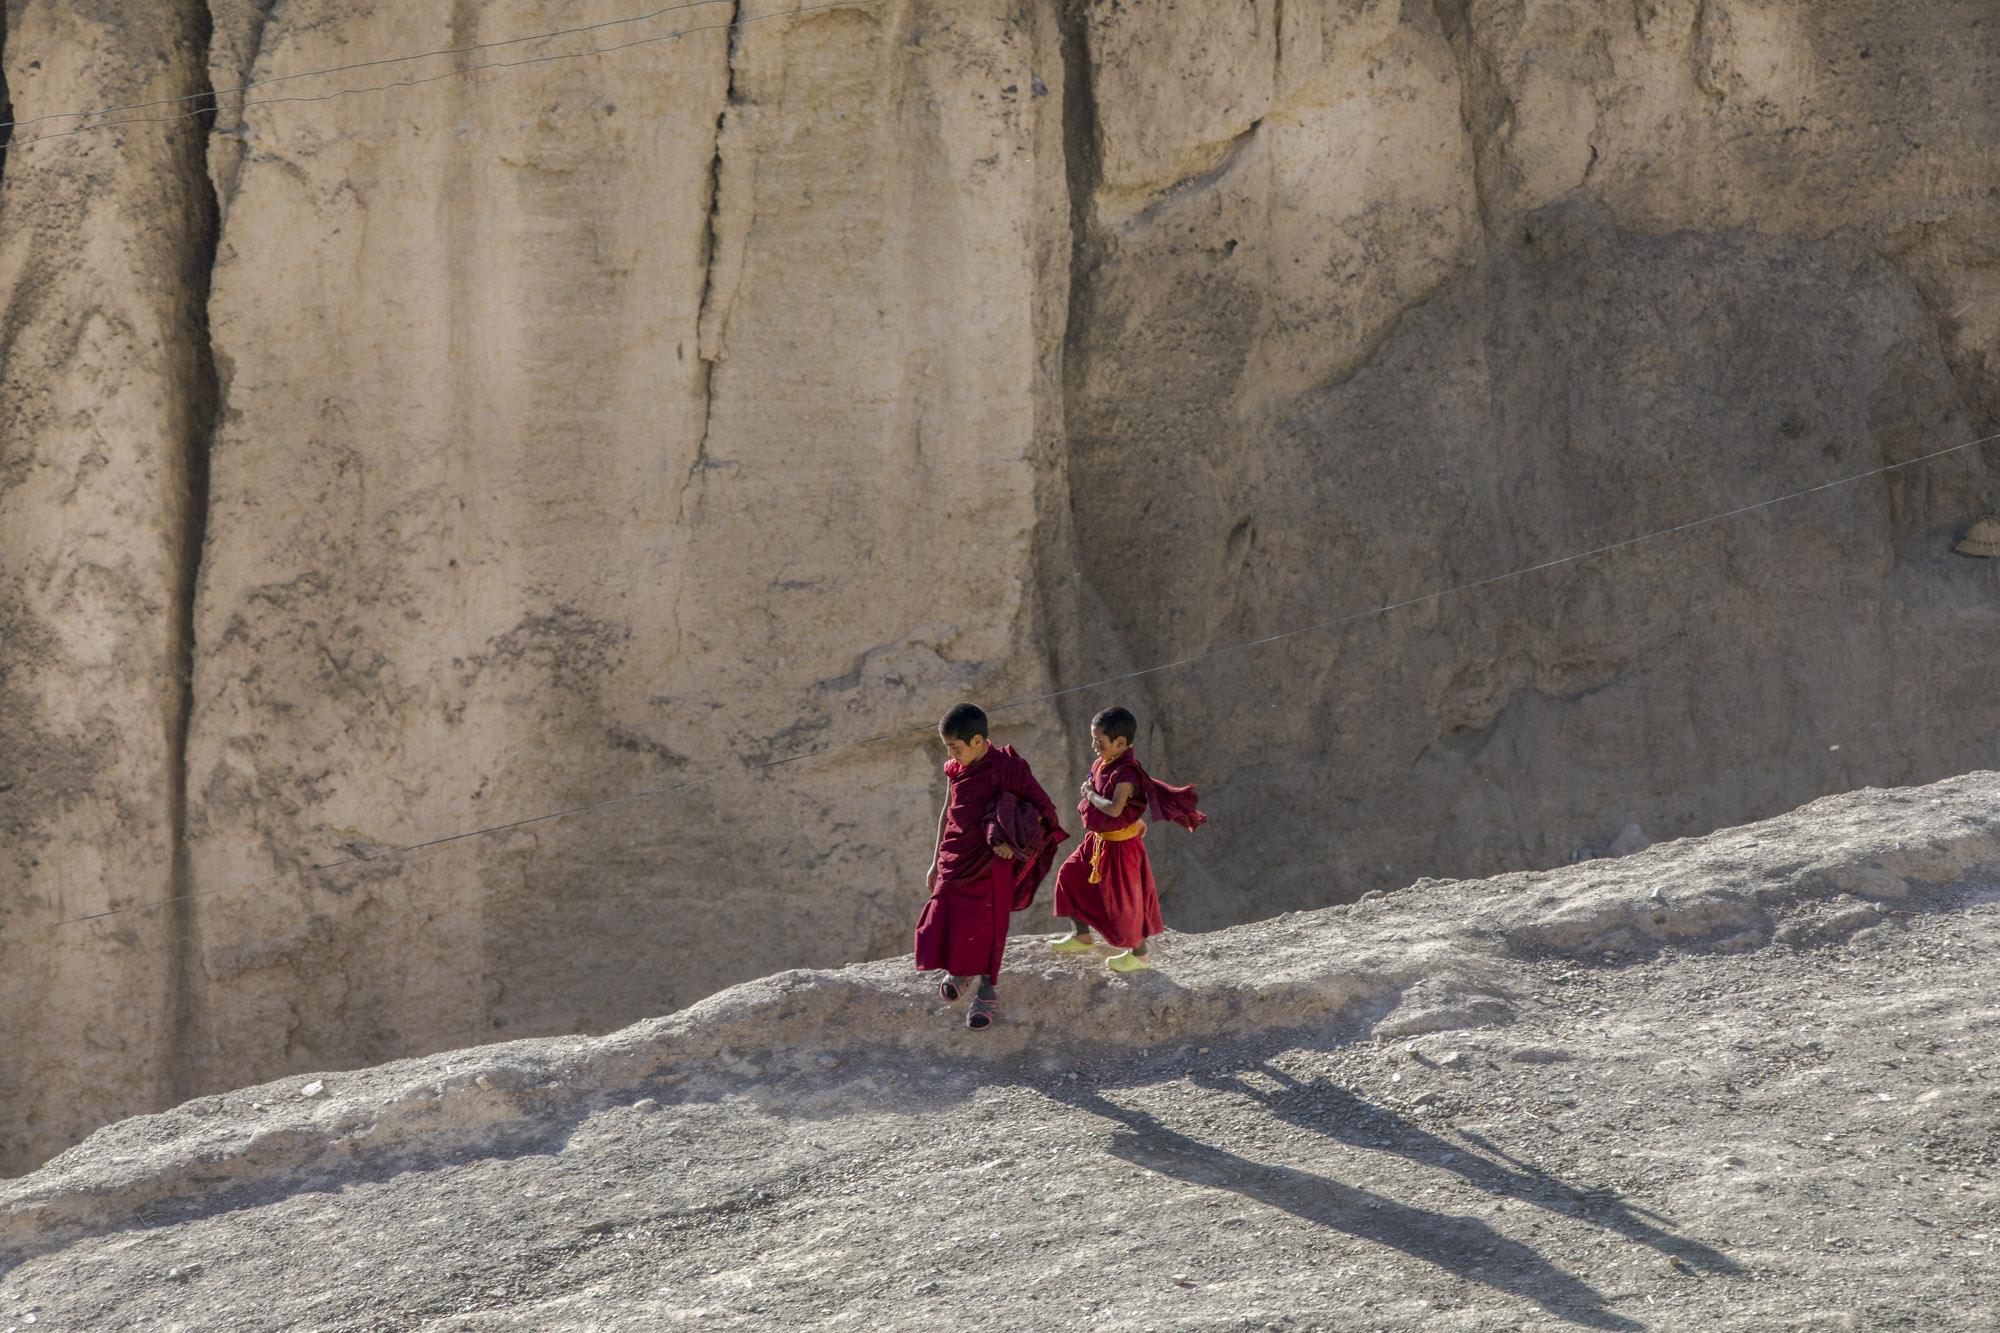 Young Tibetan monks head to prayer. Lamayuru, Ladakh. India